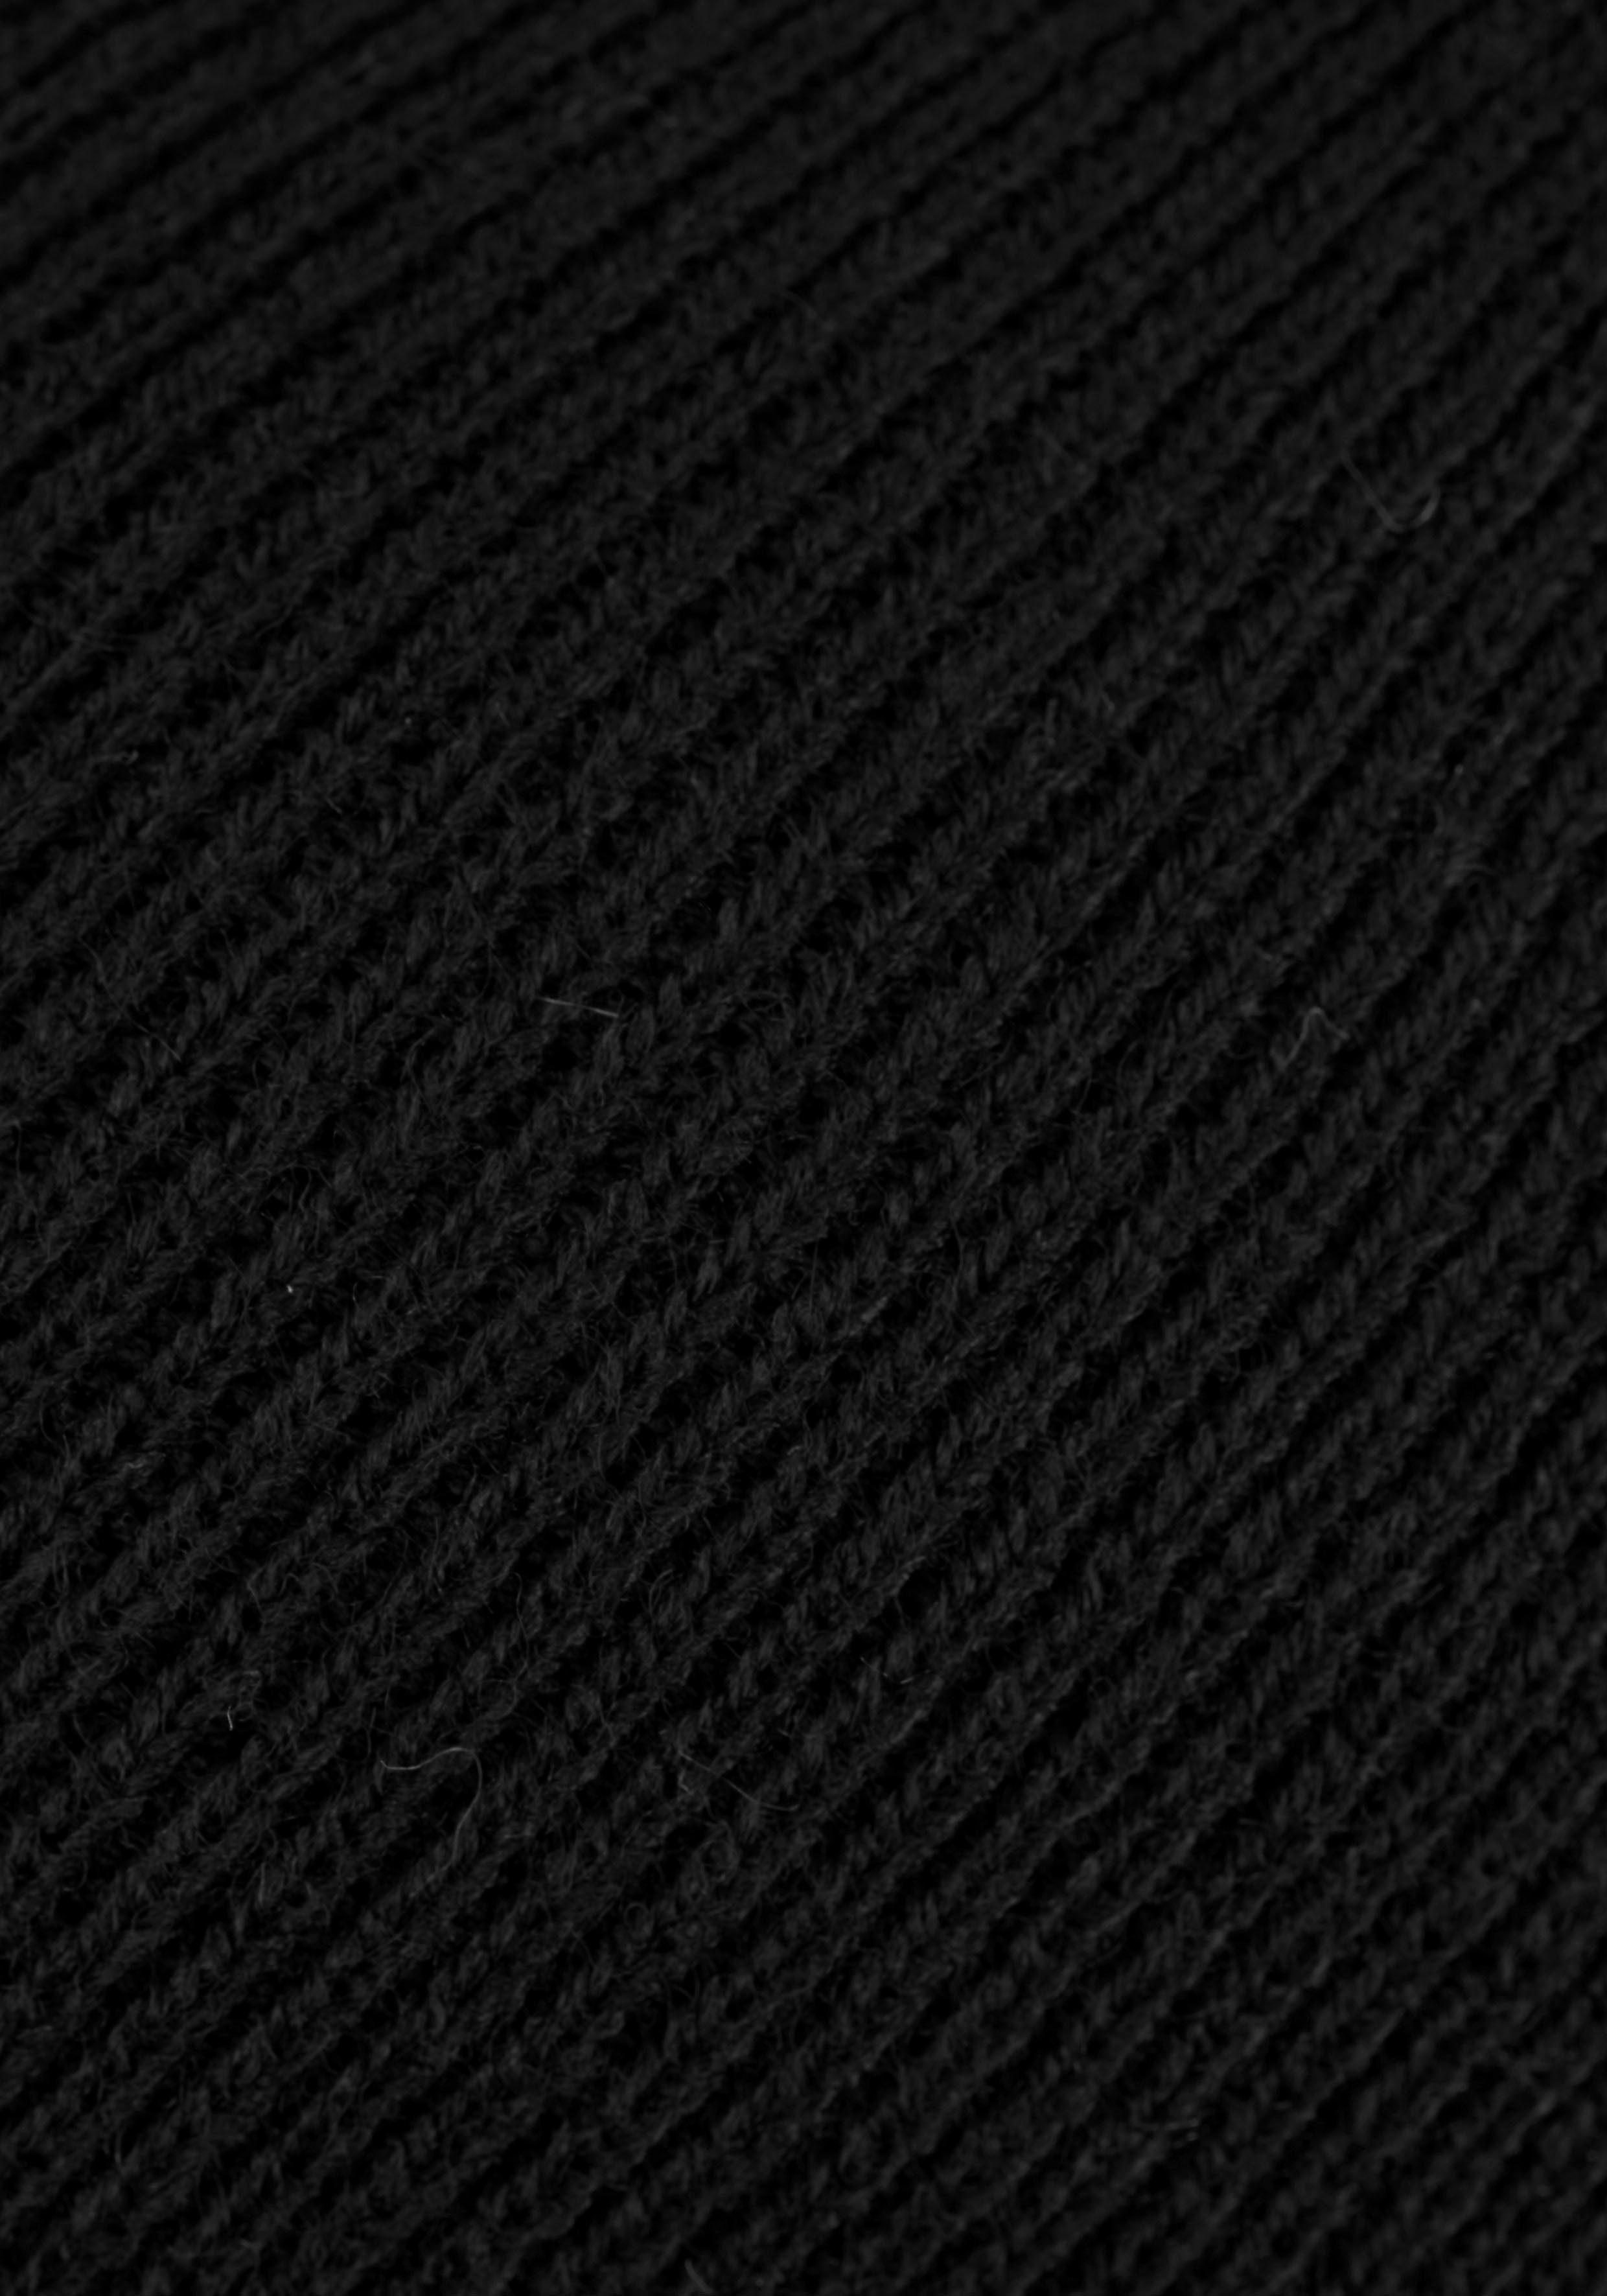 Strickmütze Aus Schal Lonsdale Undmütze »leafield«packung2 Kaufen stMit SchalSet Online c5ALqj4R3S